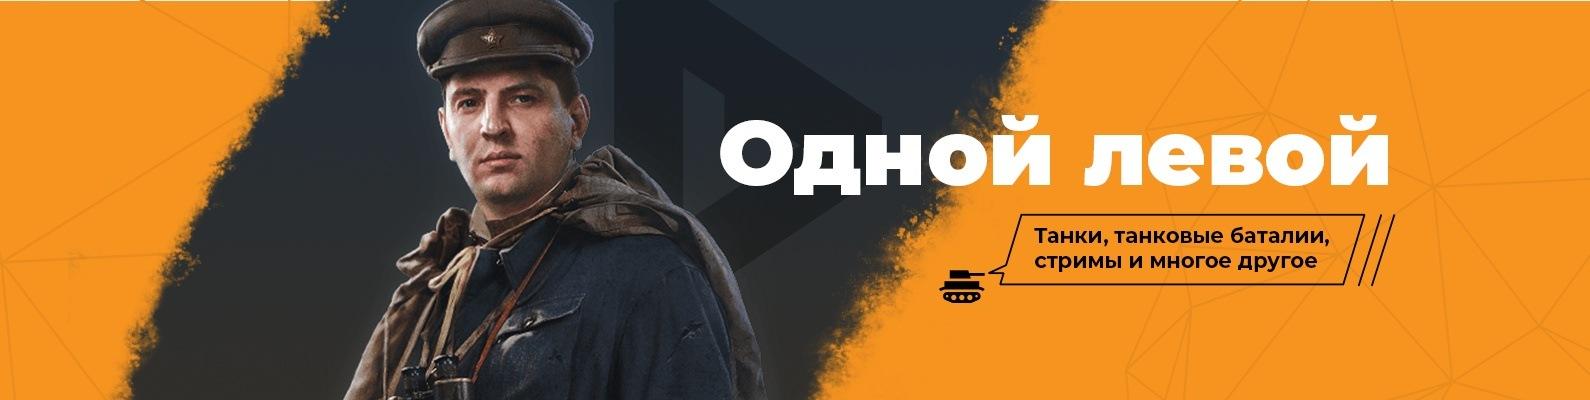 nado-ebatsya-s-ofitserom